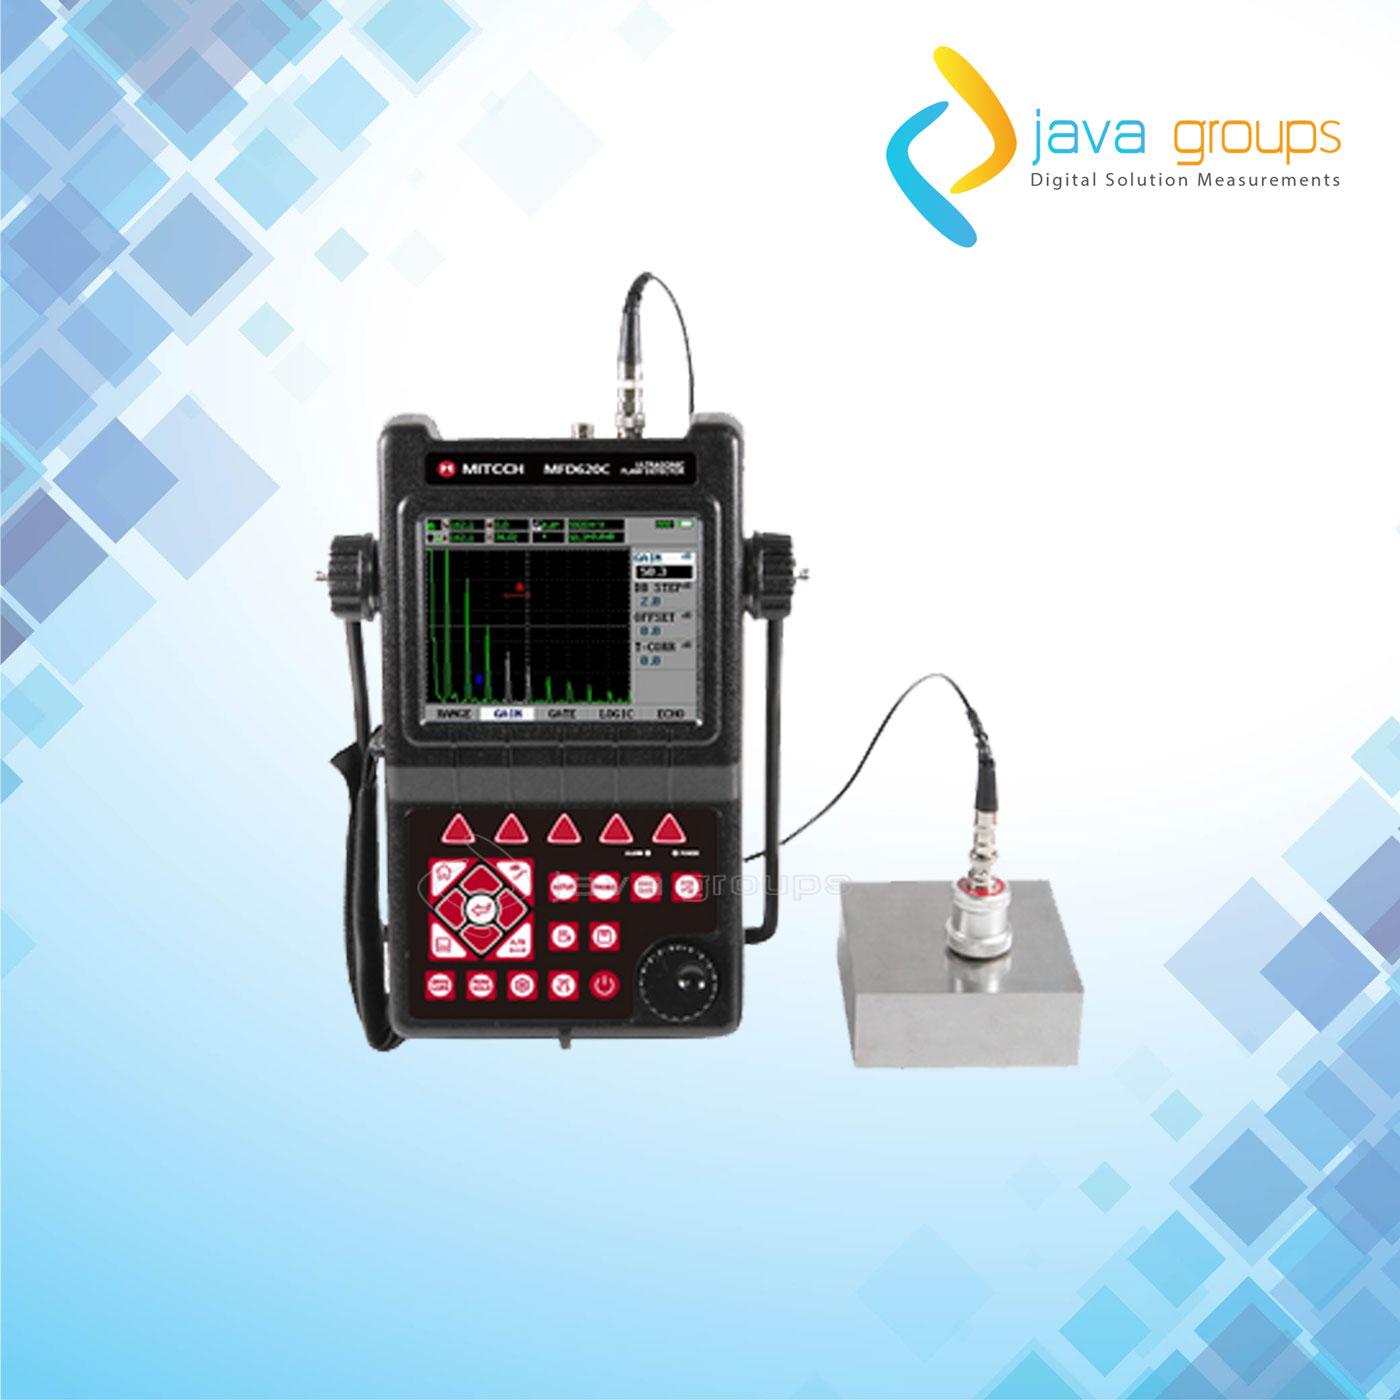 Alat Pendeteksi Kecacatan Ultrasonic Mitech MFD620C